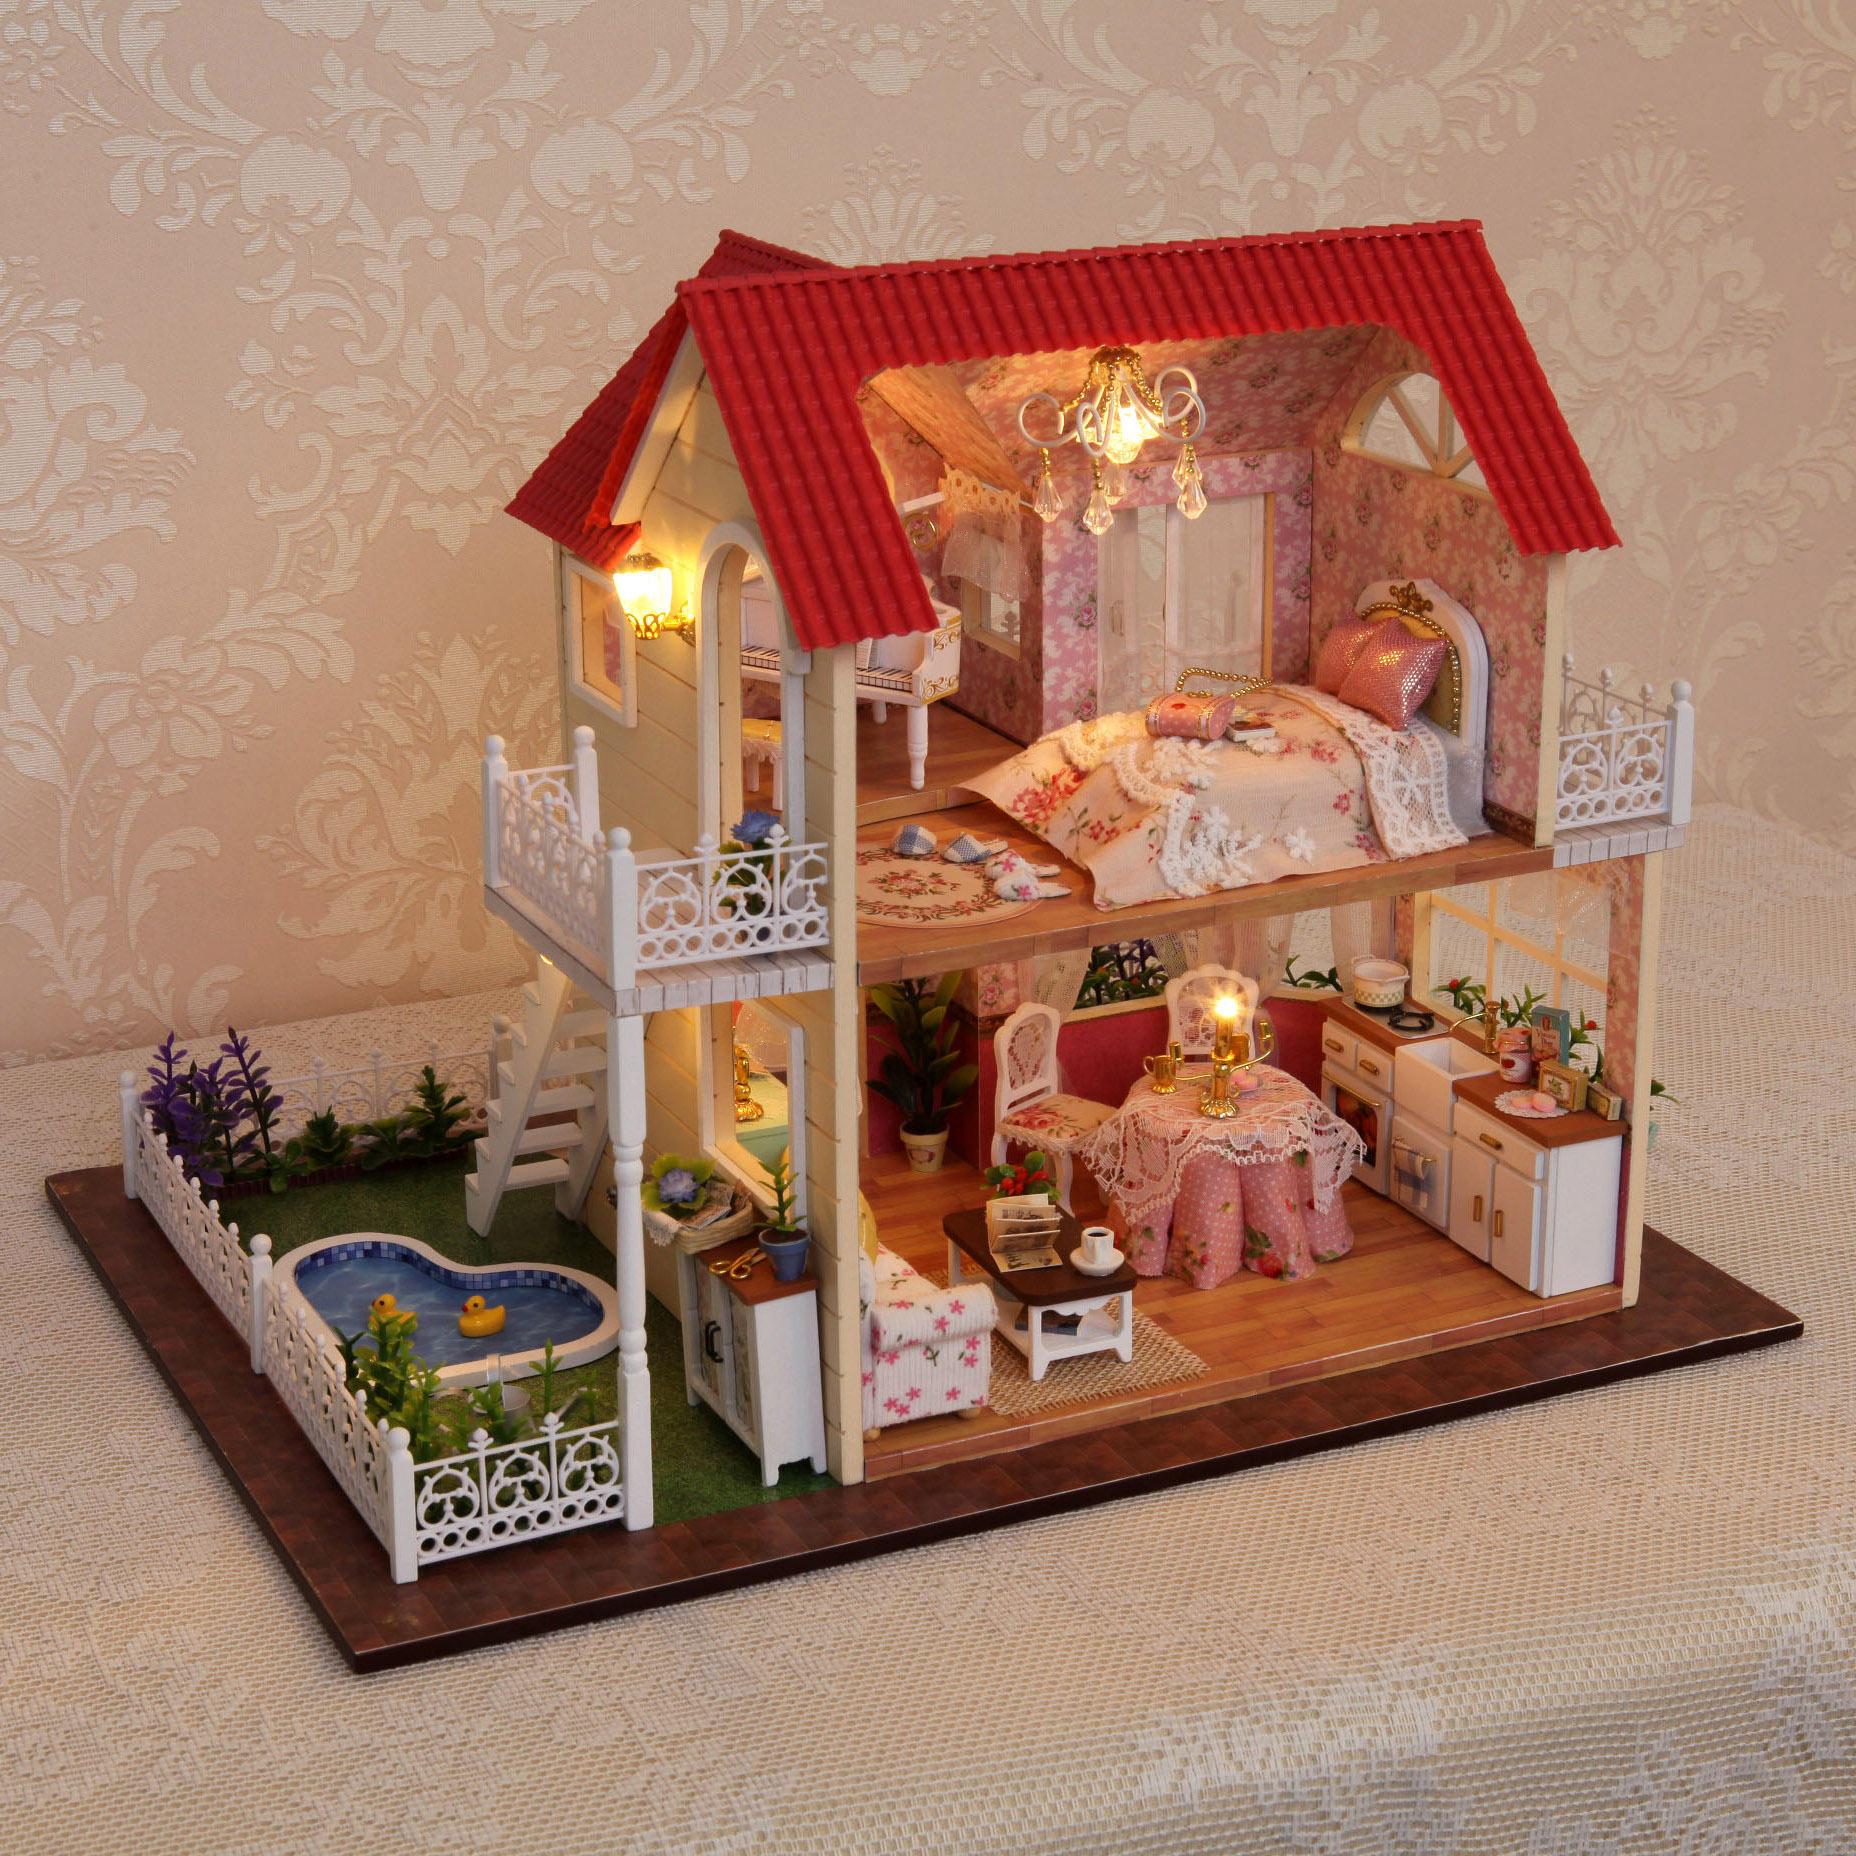 Cuteroom bricolaje casa de muñecas de madera hechos a mano regalo de las decoraciones de la habitación de la princesa cumpleaños